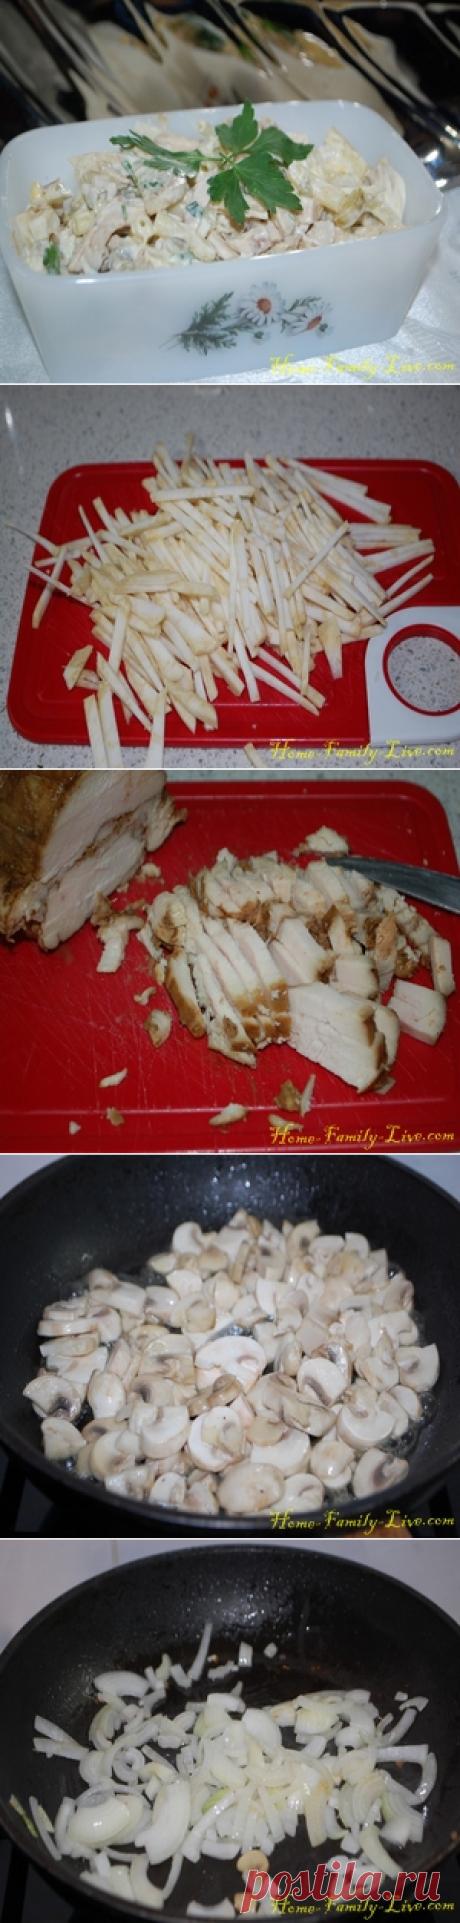 Салат с макаронами/Сайт с пошаговыми рецептами с фото для тех кто любит готовить